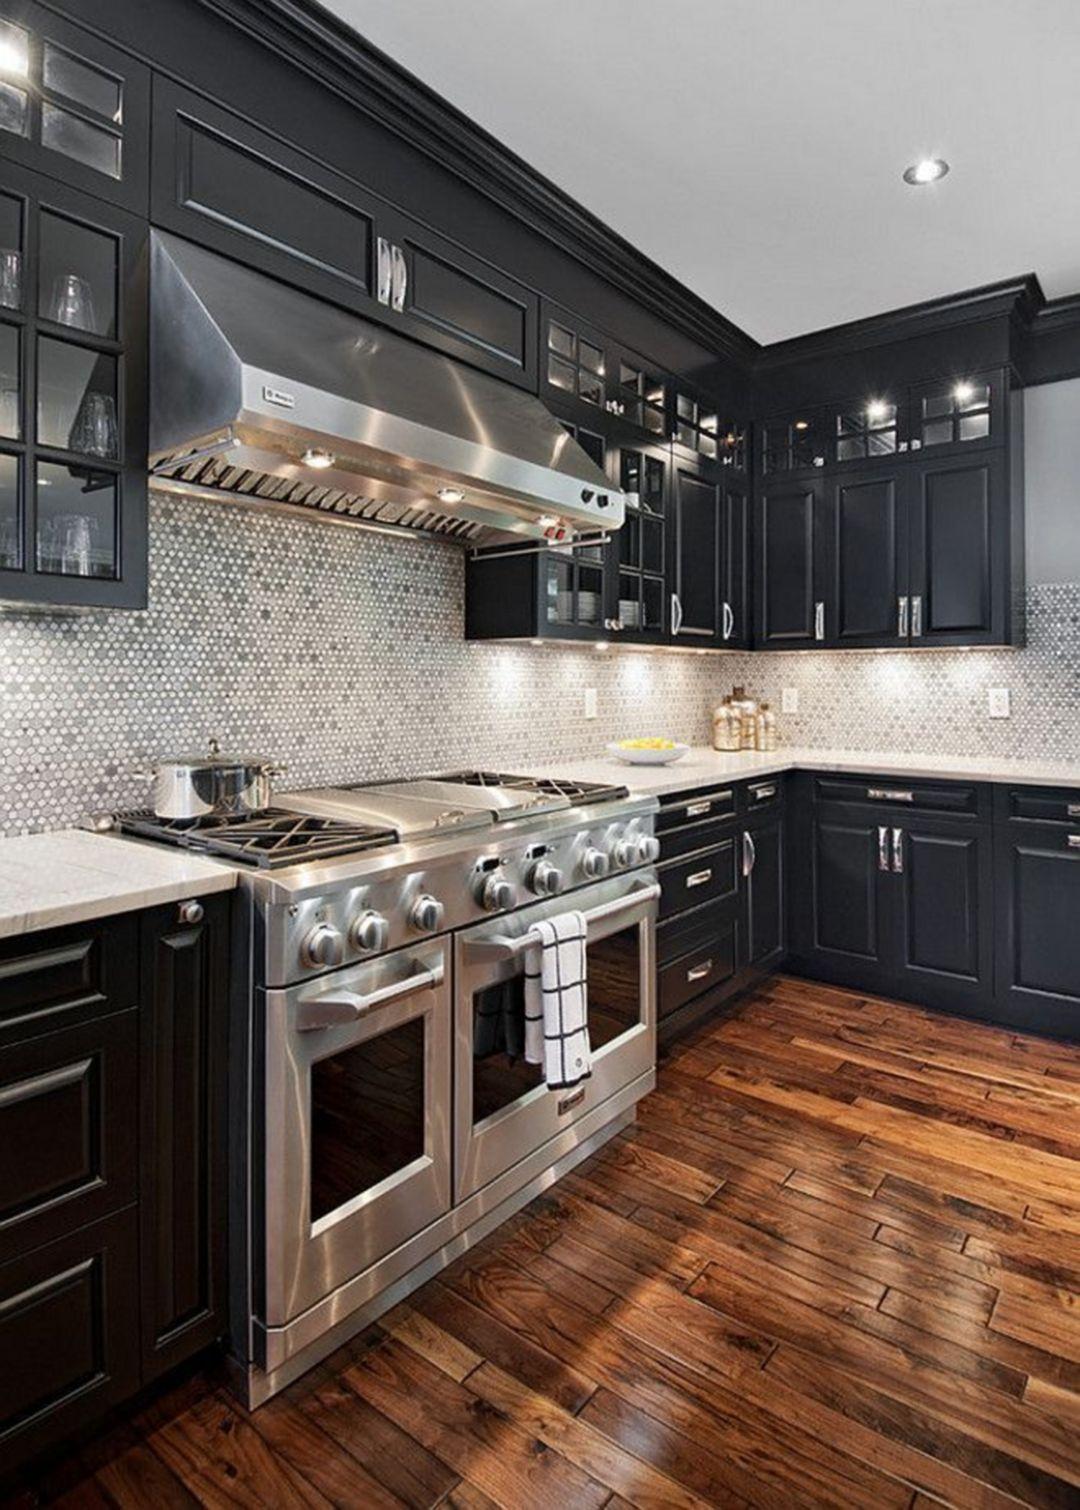 Esszimmer ideen in kerala elegant black kitchen design   kitchen ideas  pinterest  design